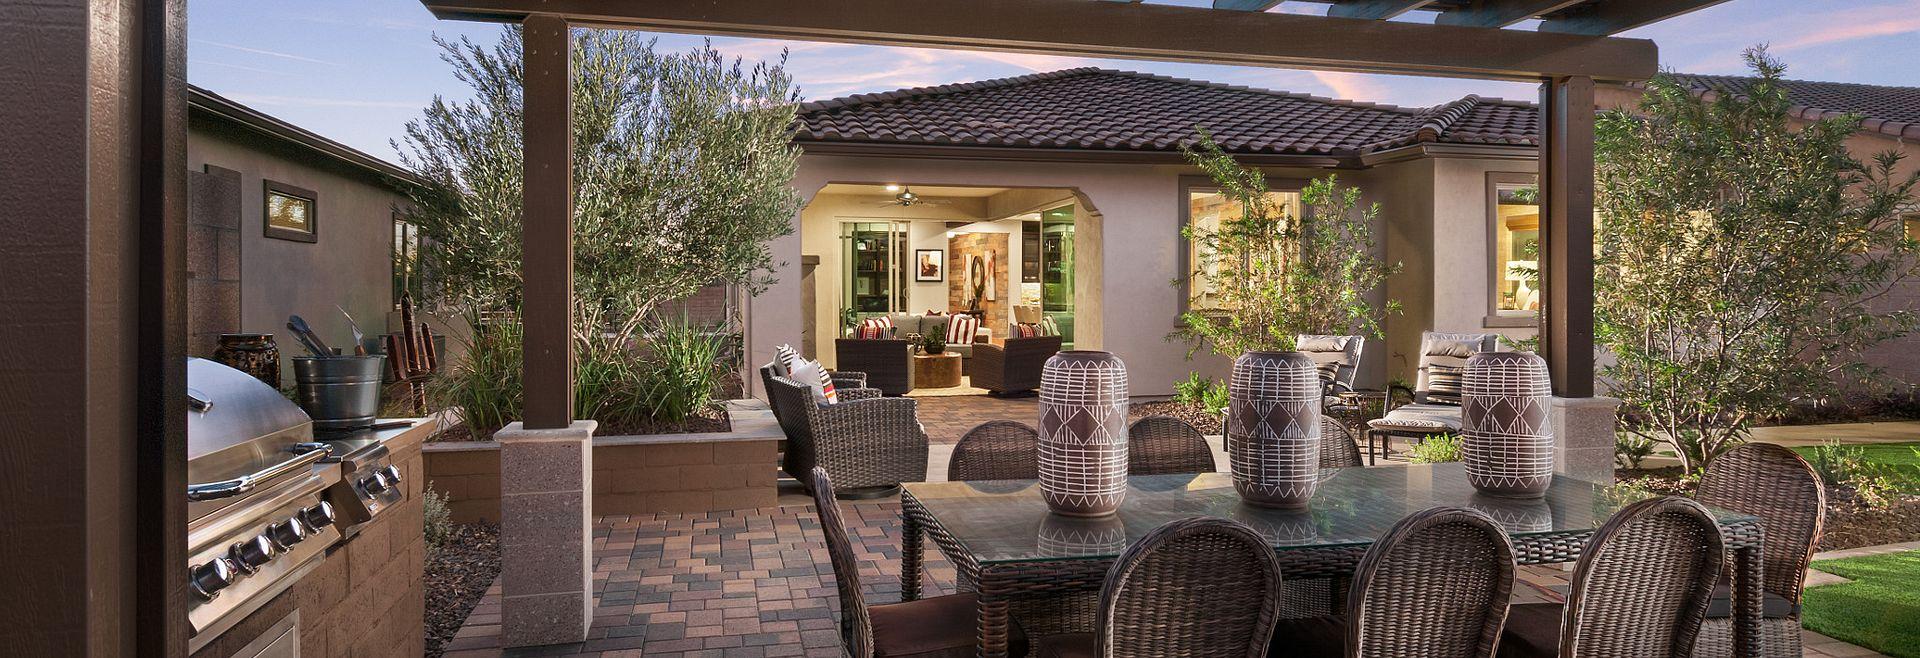 Mosaic Model Backyard